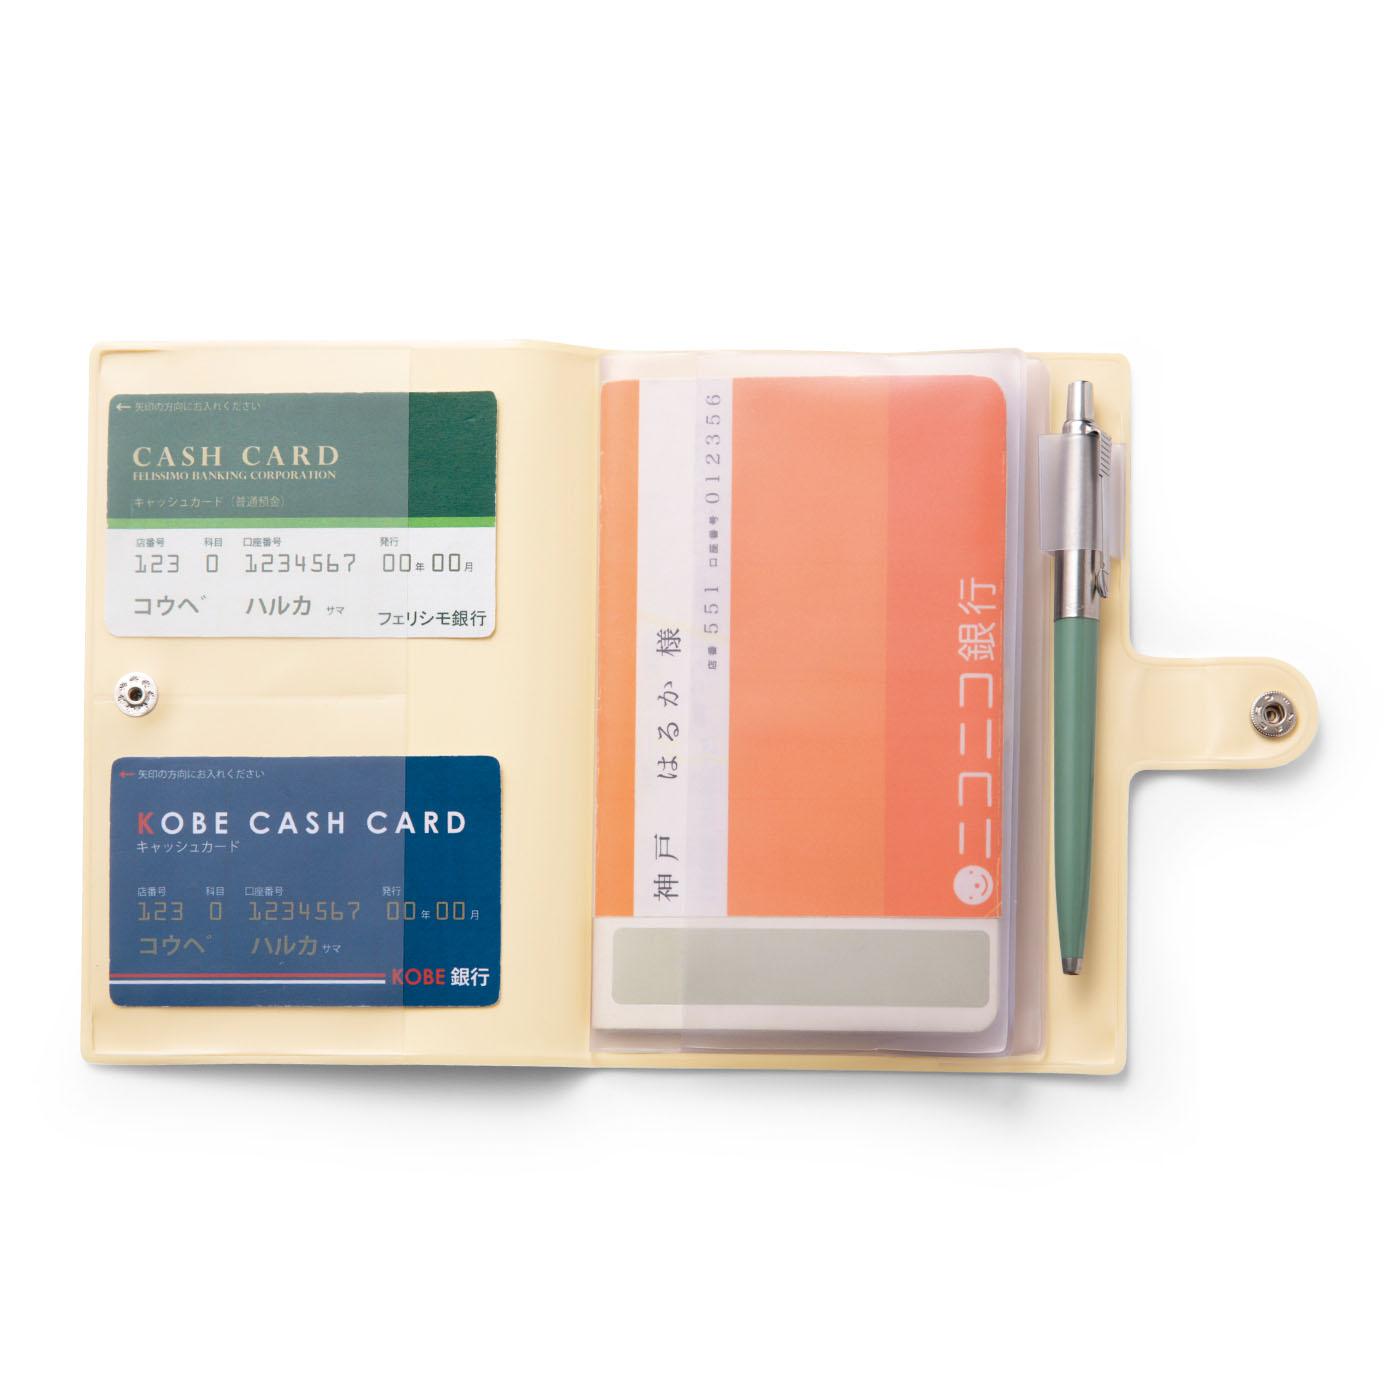 通帳2冊、カード2枚を収納可能。振込票の控えが入るポケットも付いています。